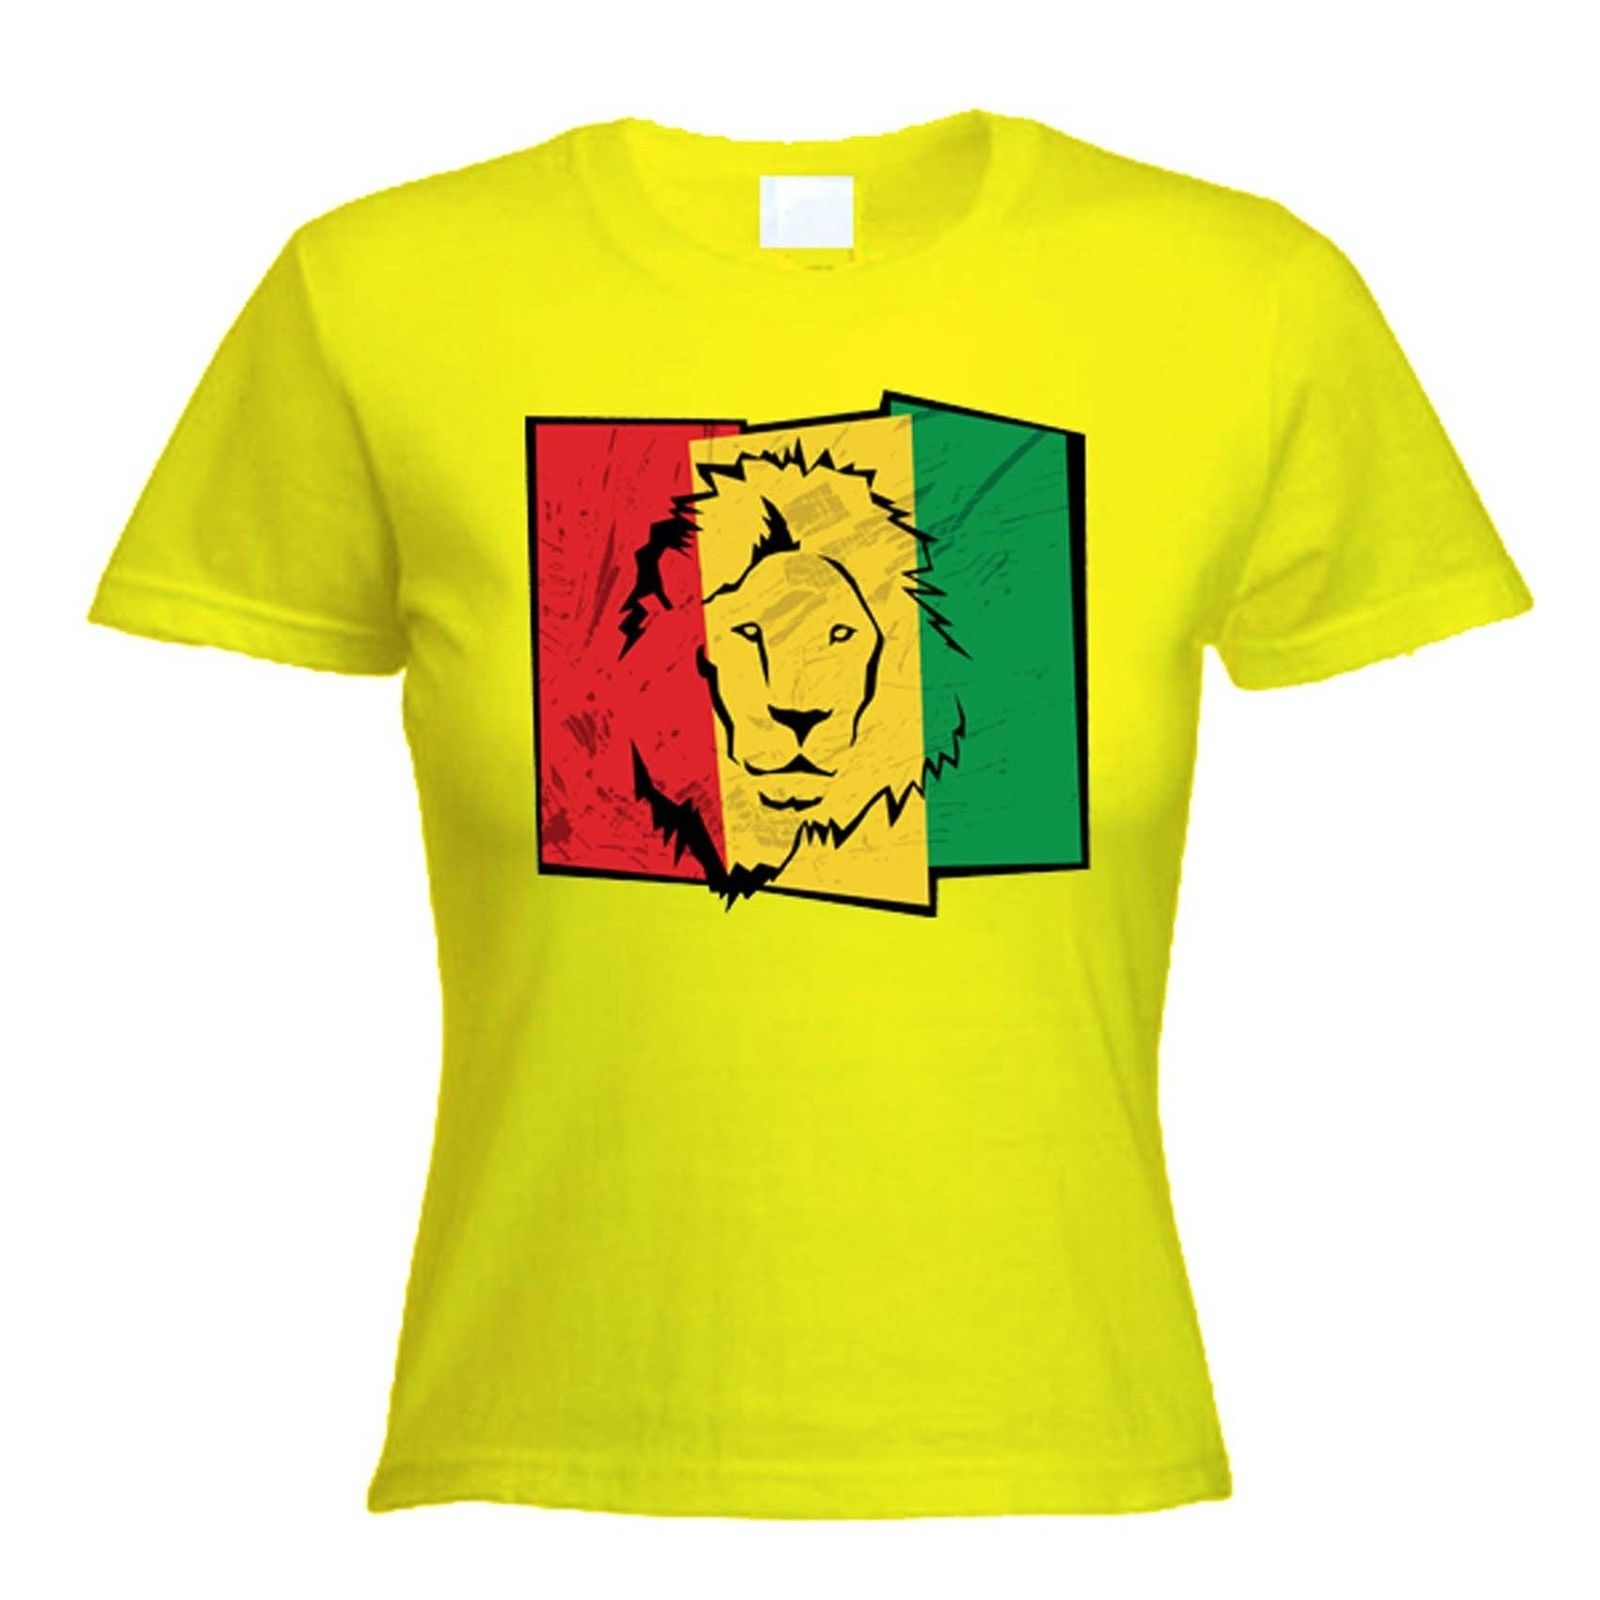 LION OF JUDAH FLAG WOMENS T-SHIRT - rasta reggae bob marley, cannabis, marijuana 1